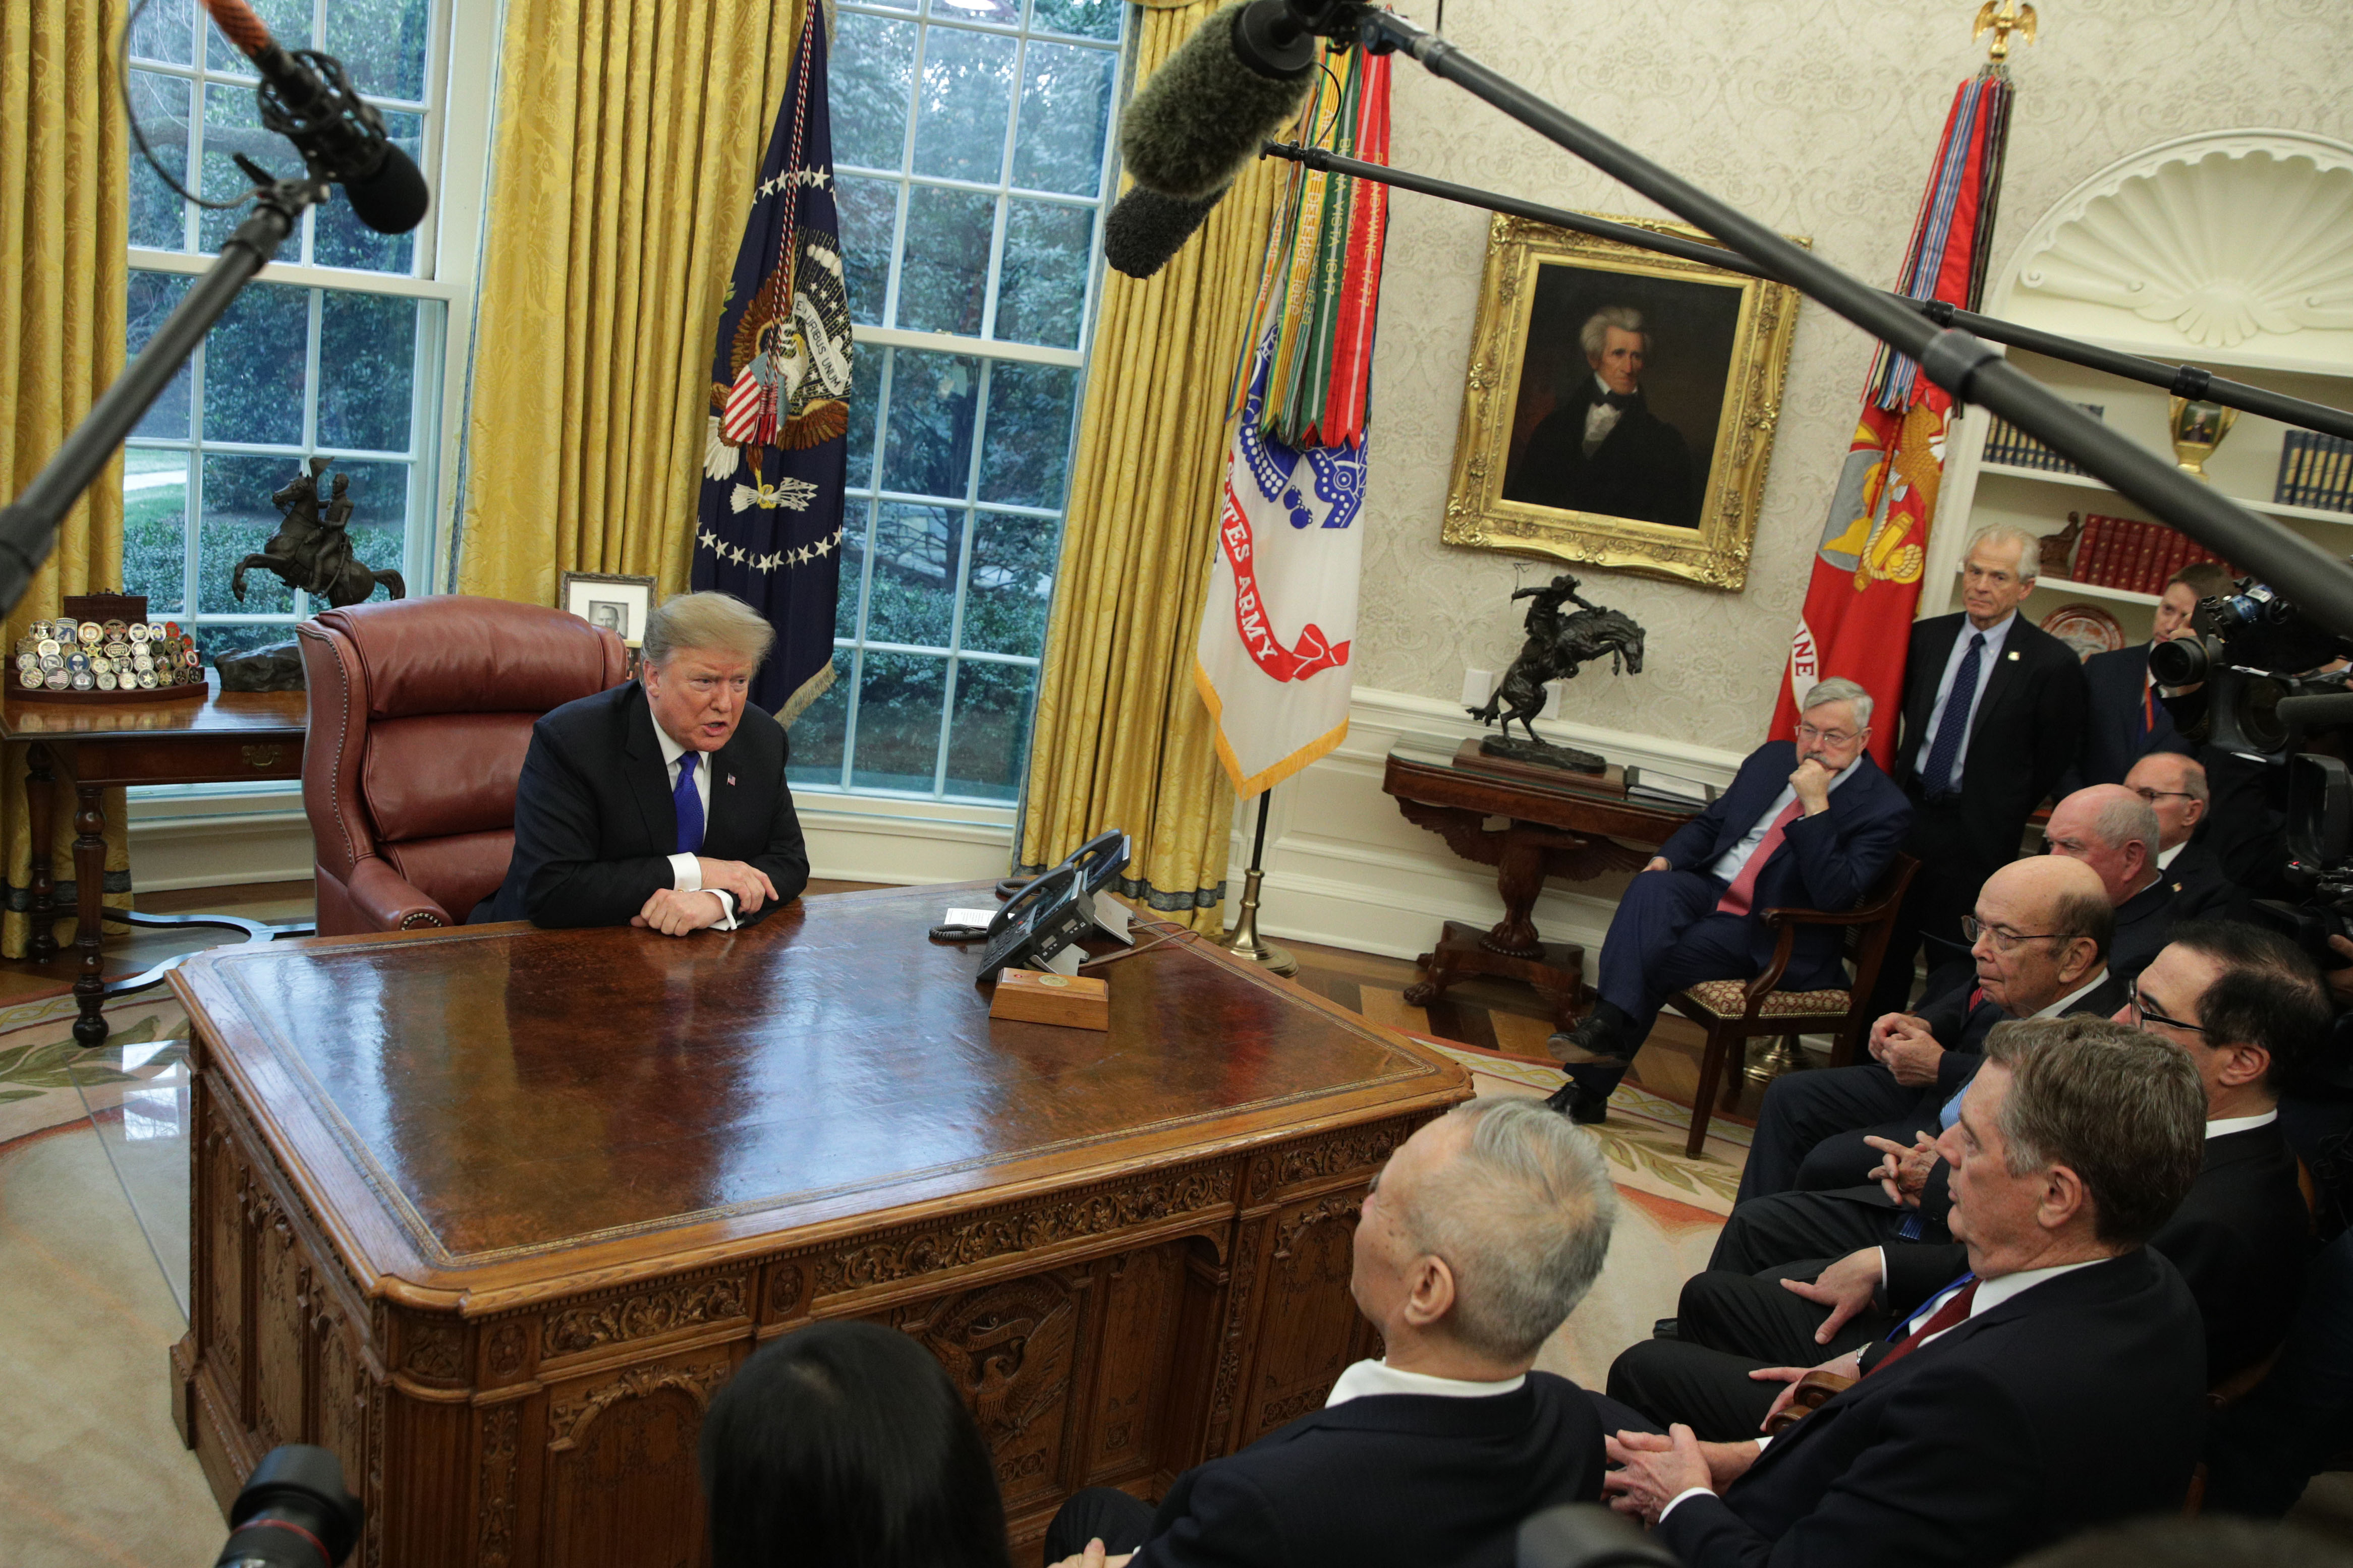 周日(2月24日),距離3月1日停火時限不到六天的時間,中美談判官員在華府繼續談判。在最後衝刺階段,特朗普總統上周五(22日)要求雙方主談人做一件事,為未來協議取得更適當的稱號。(Alex Wong/Getty Images)